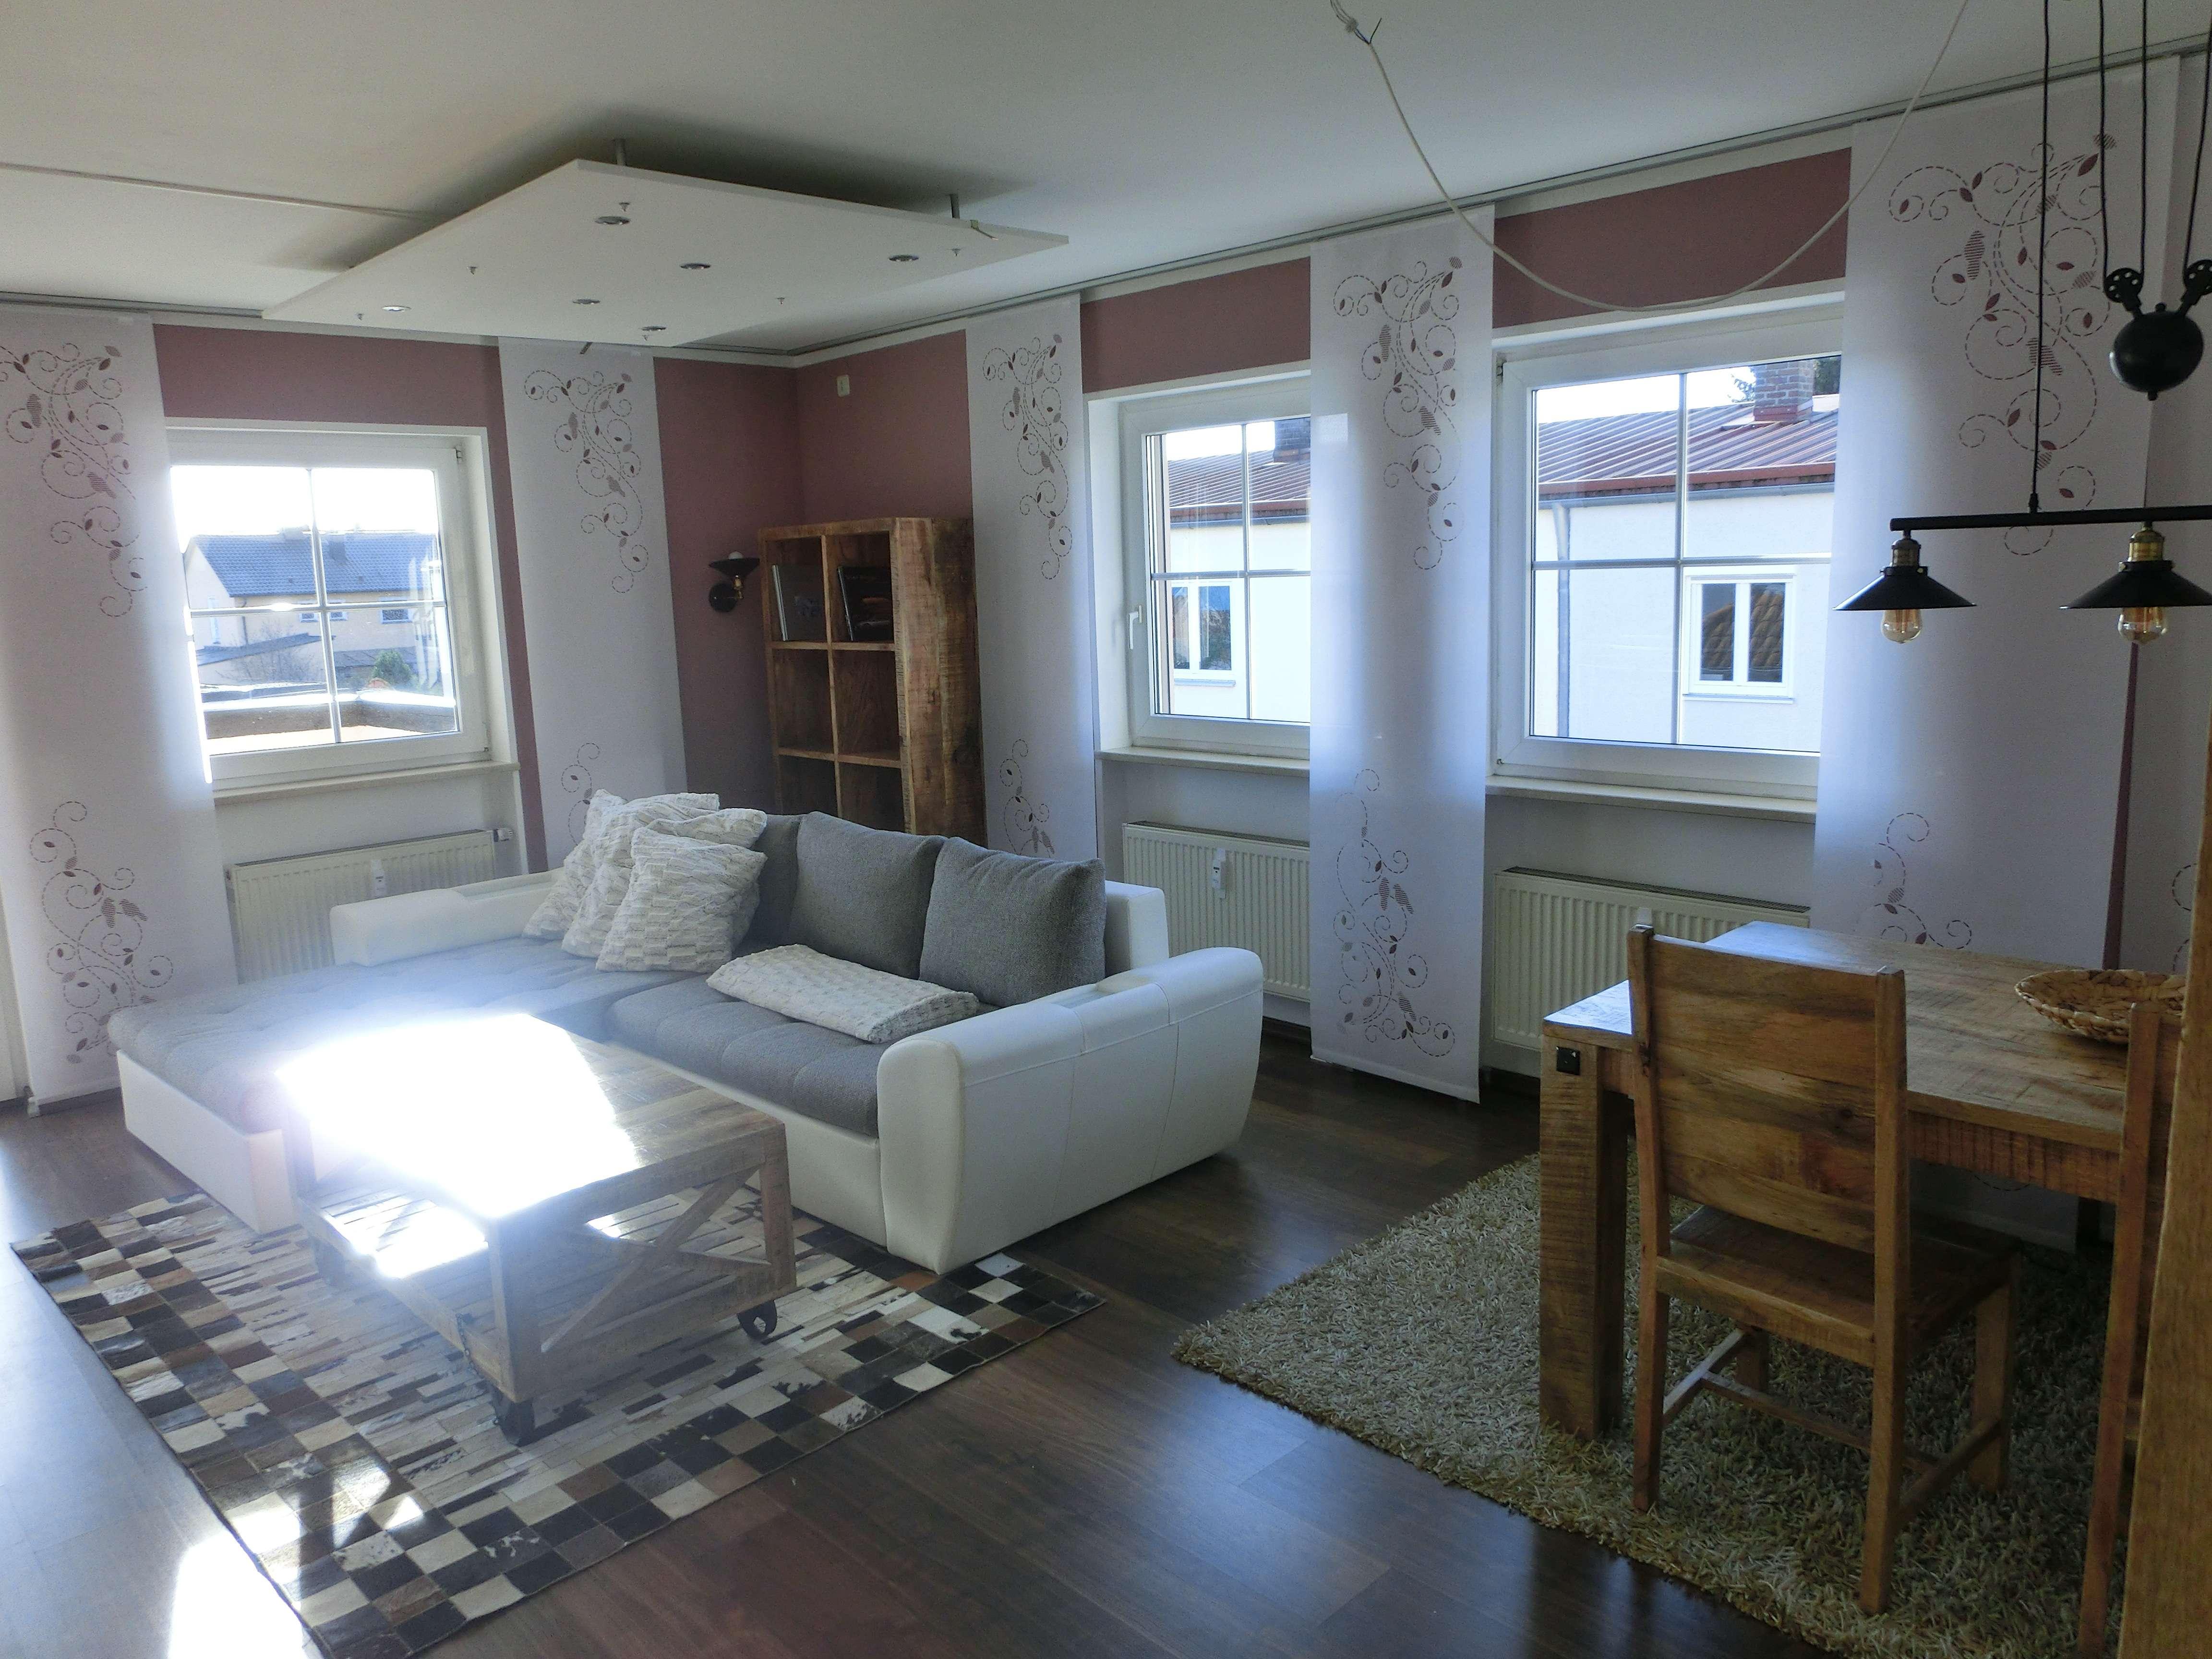 Exkl. helle 2-Zimmer-Wohnung mit sehr goßem Balkon, möbliert in Manching